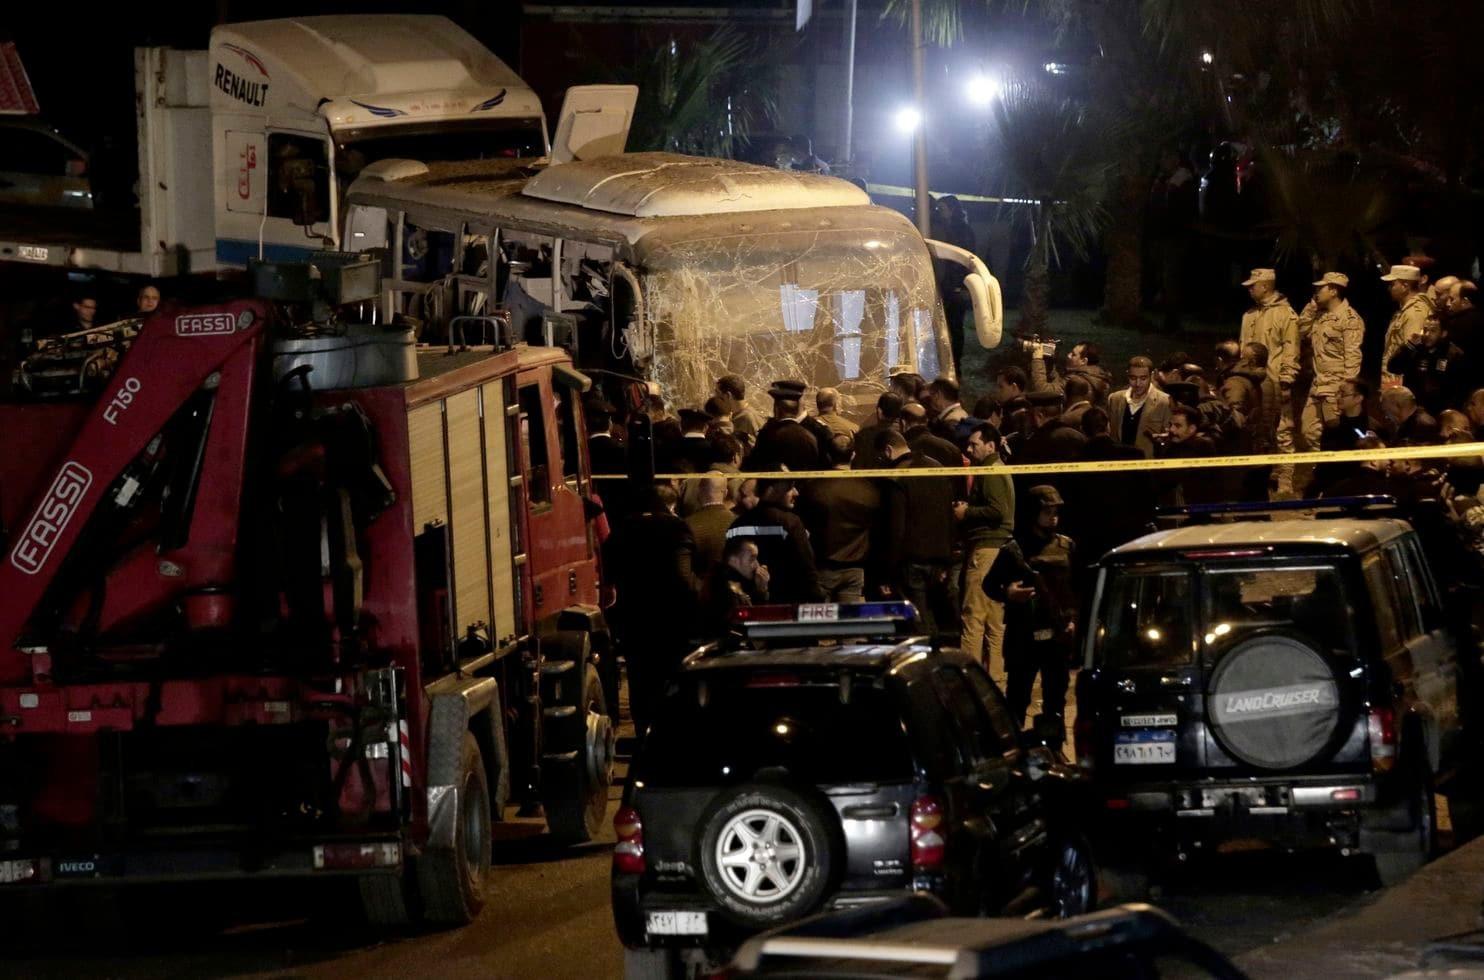 Sau vụ đánh bom khiến 3 người Việt bị thiệt mạng, liệu Ai Cập còn an toàn với du khách quốc tế? - Ảnh 2.